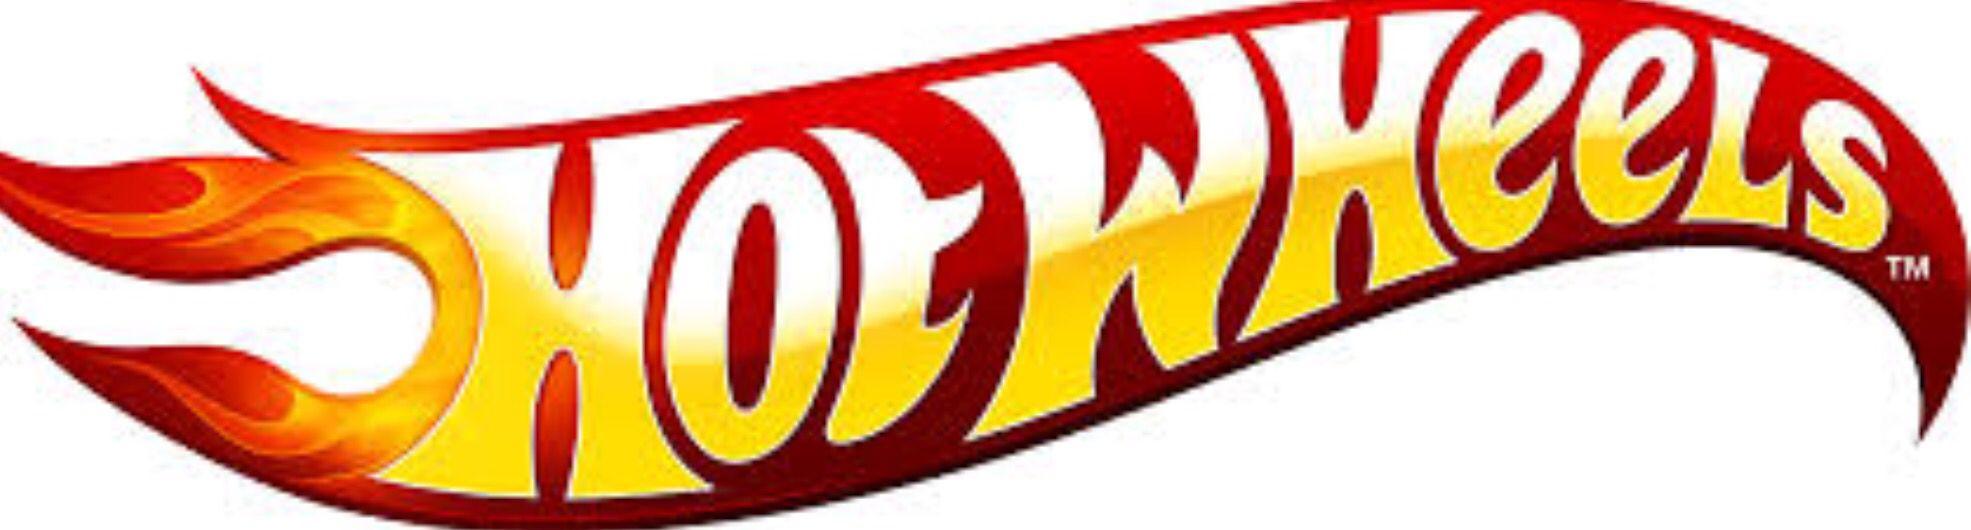 Het logo van Hotweels is opvallend omdat, hot (warm) word weergegeven in de vorm van een vlam.